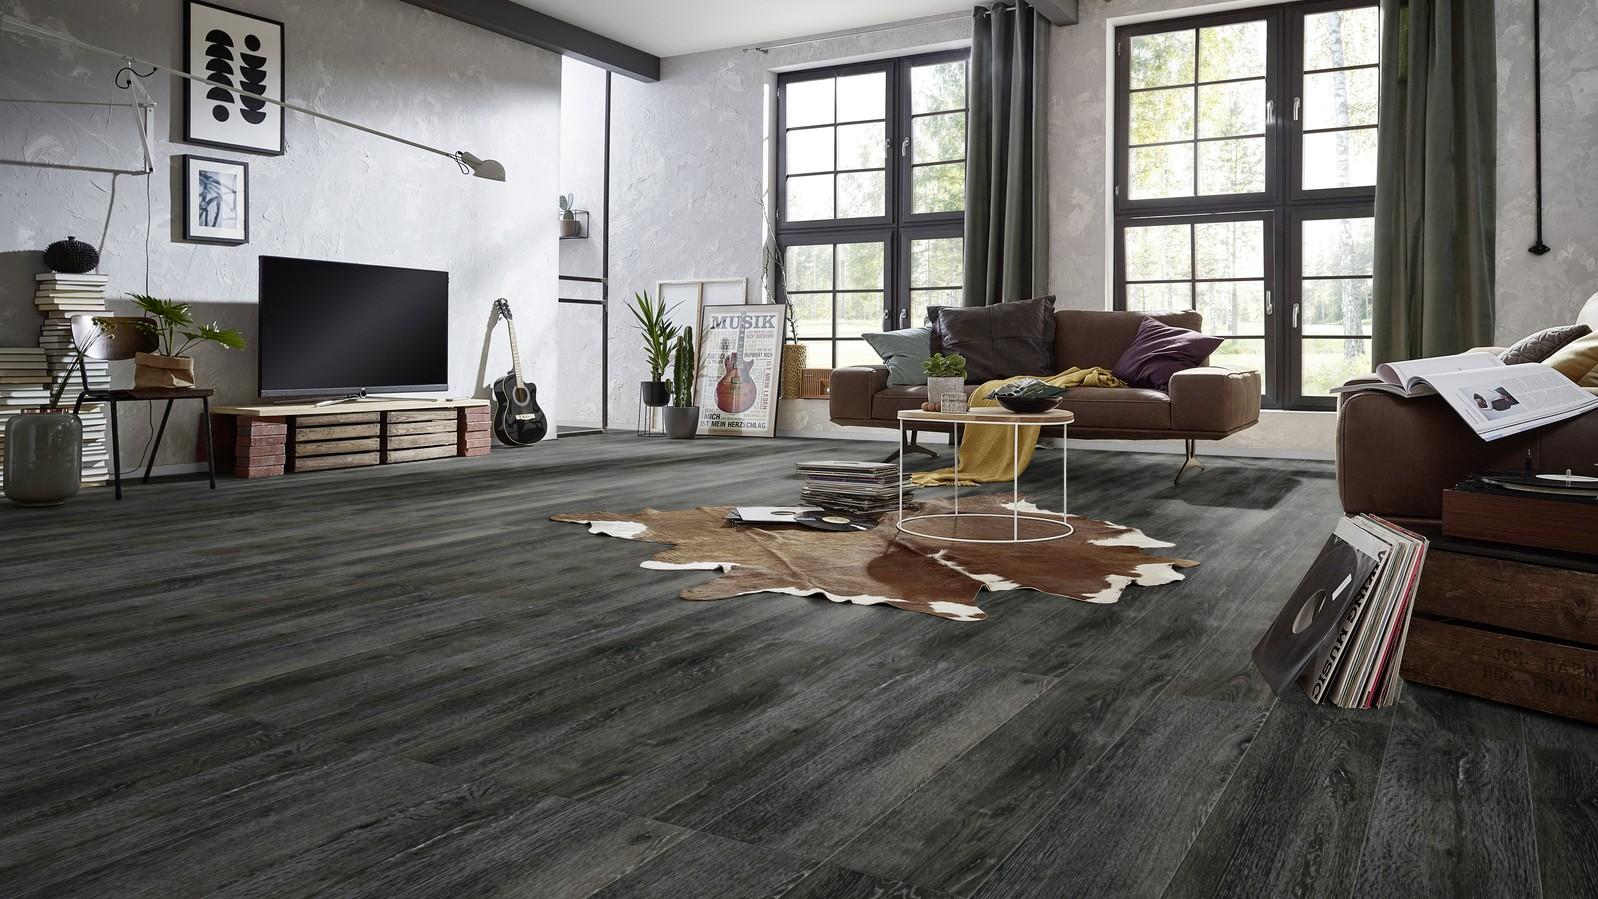 Vinylové podlahy samoležiace